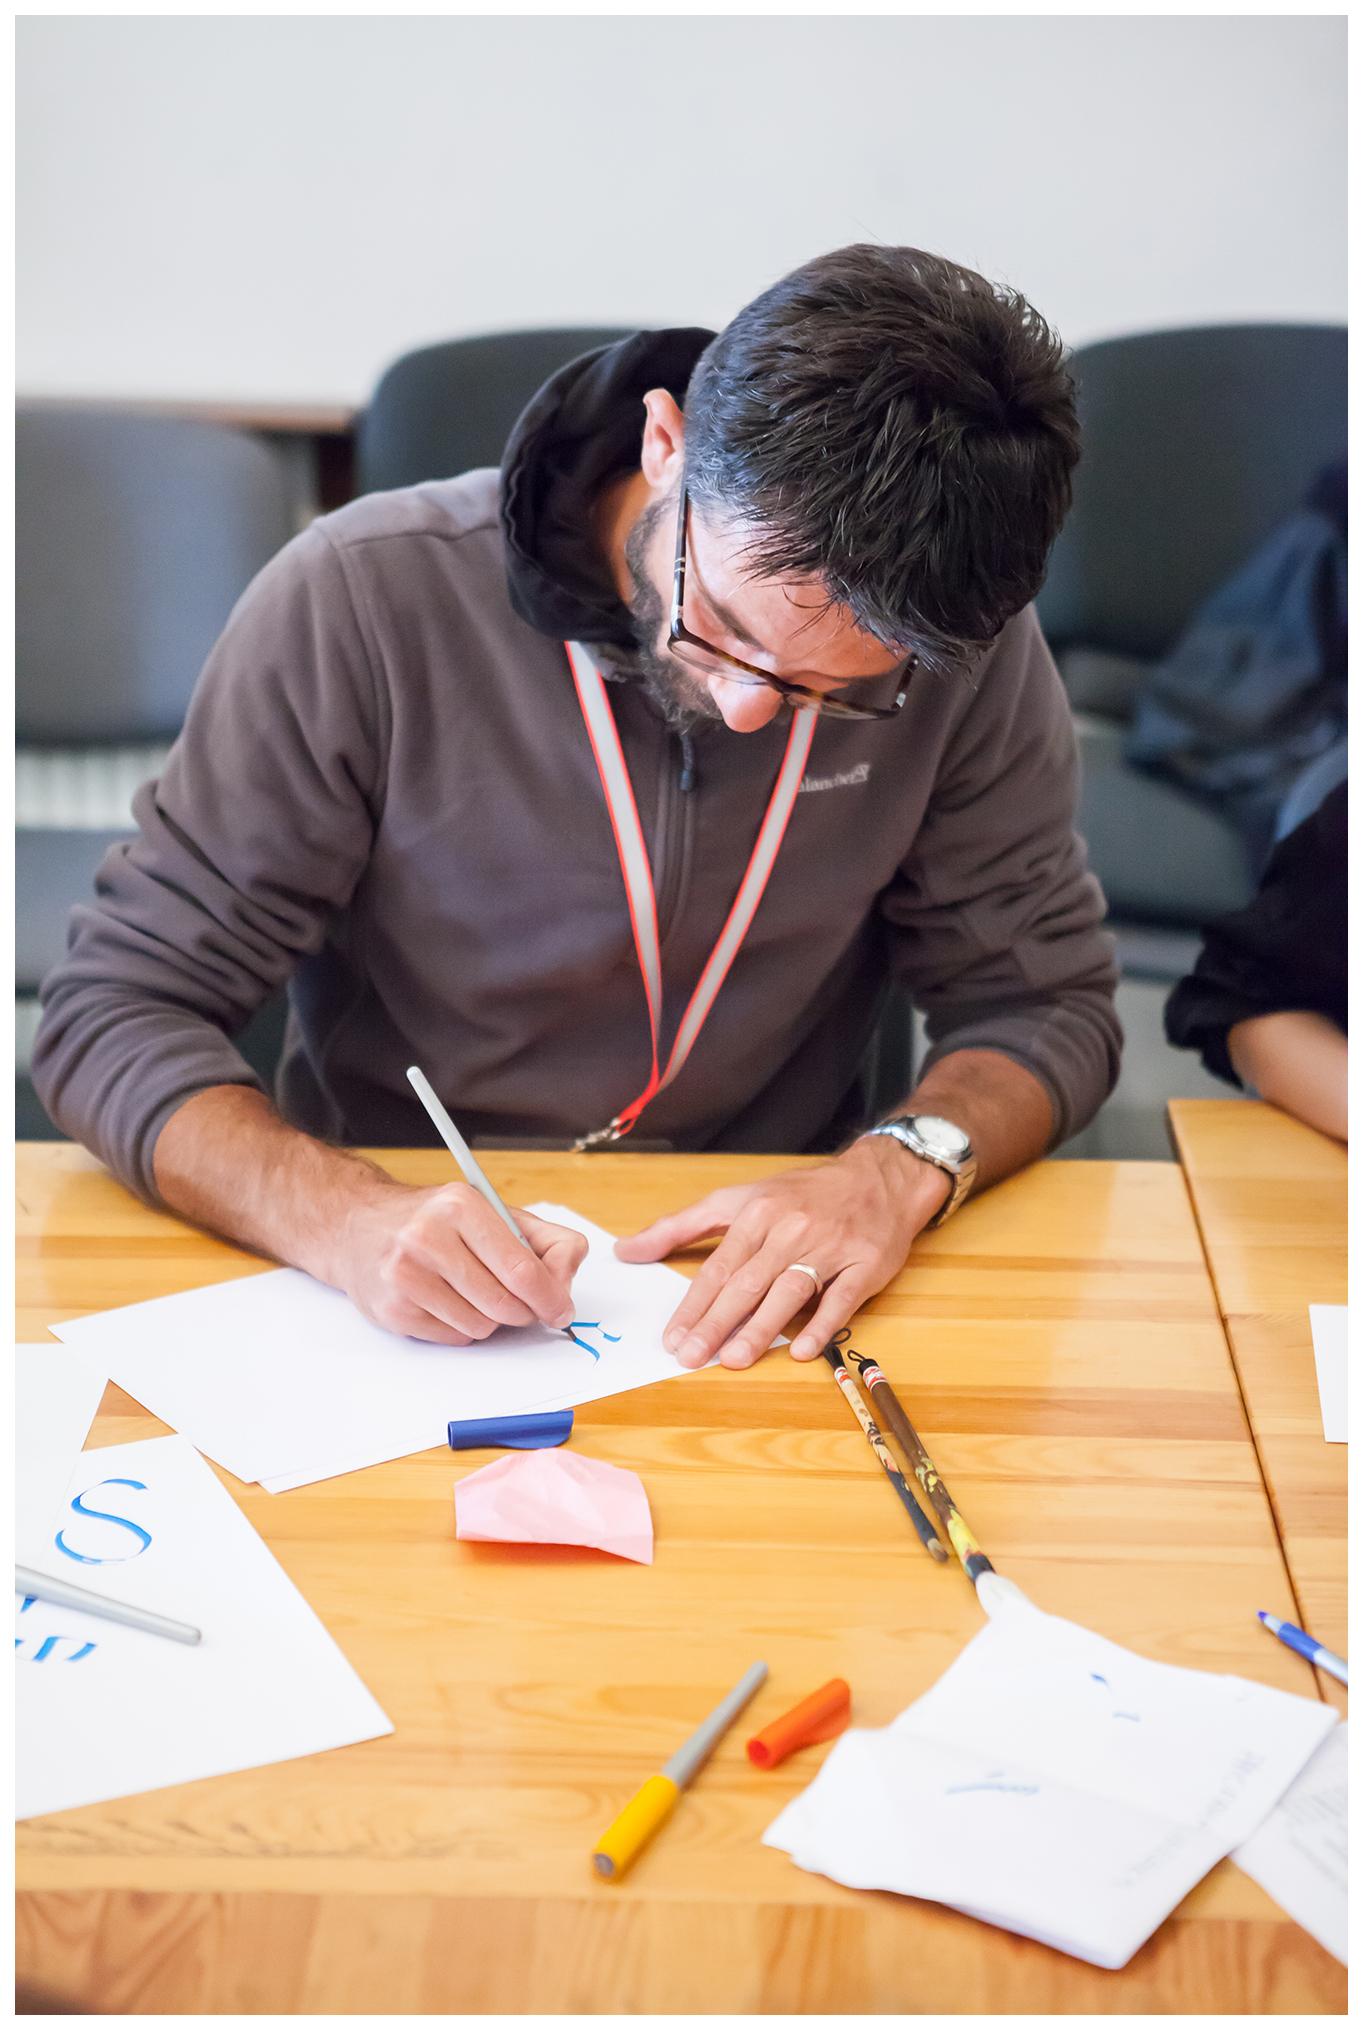 Warsztaty kaligrafii oraz pisma ormiańskiego. Na zdjęciu widzimy jednego z uczestników warsztatu, który pisze literę na kartce.